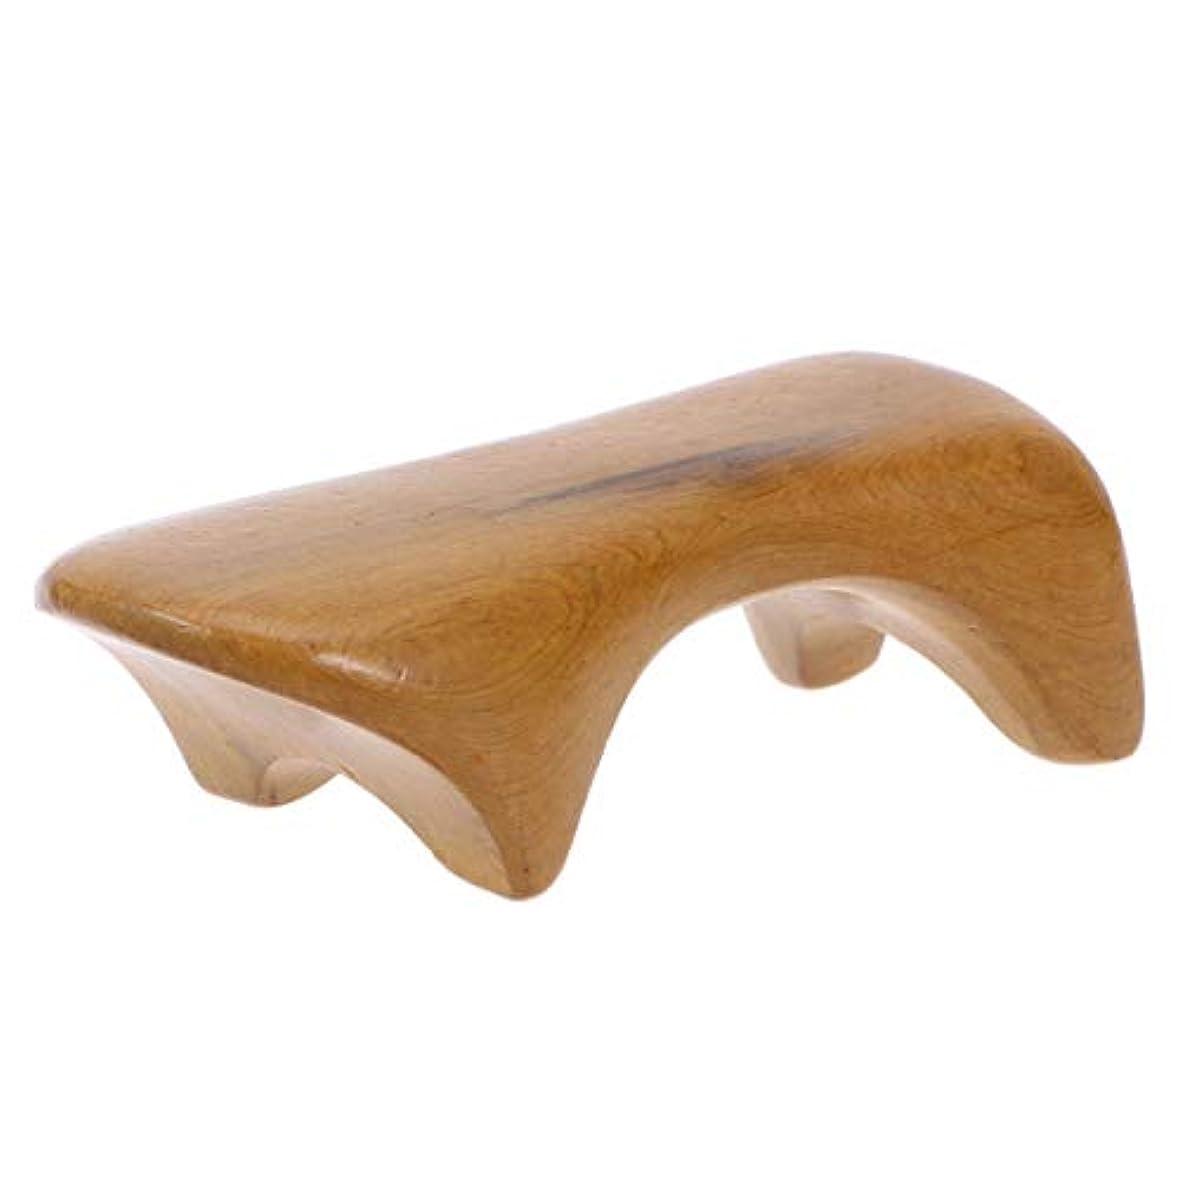 式降ろす家主完全木製のための木の背部マッサージャーの手持ち型のBadyのマッサージャーの多機能のマッサージャー